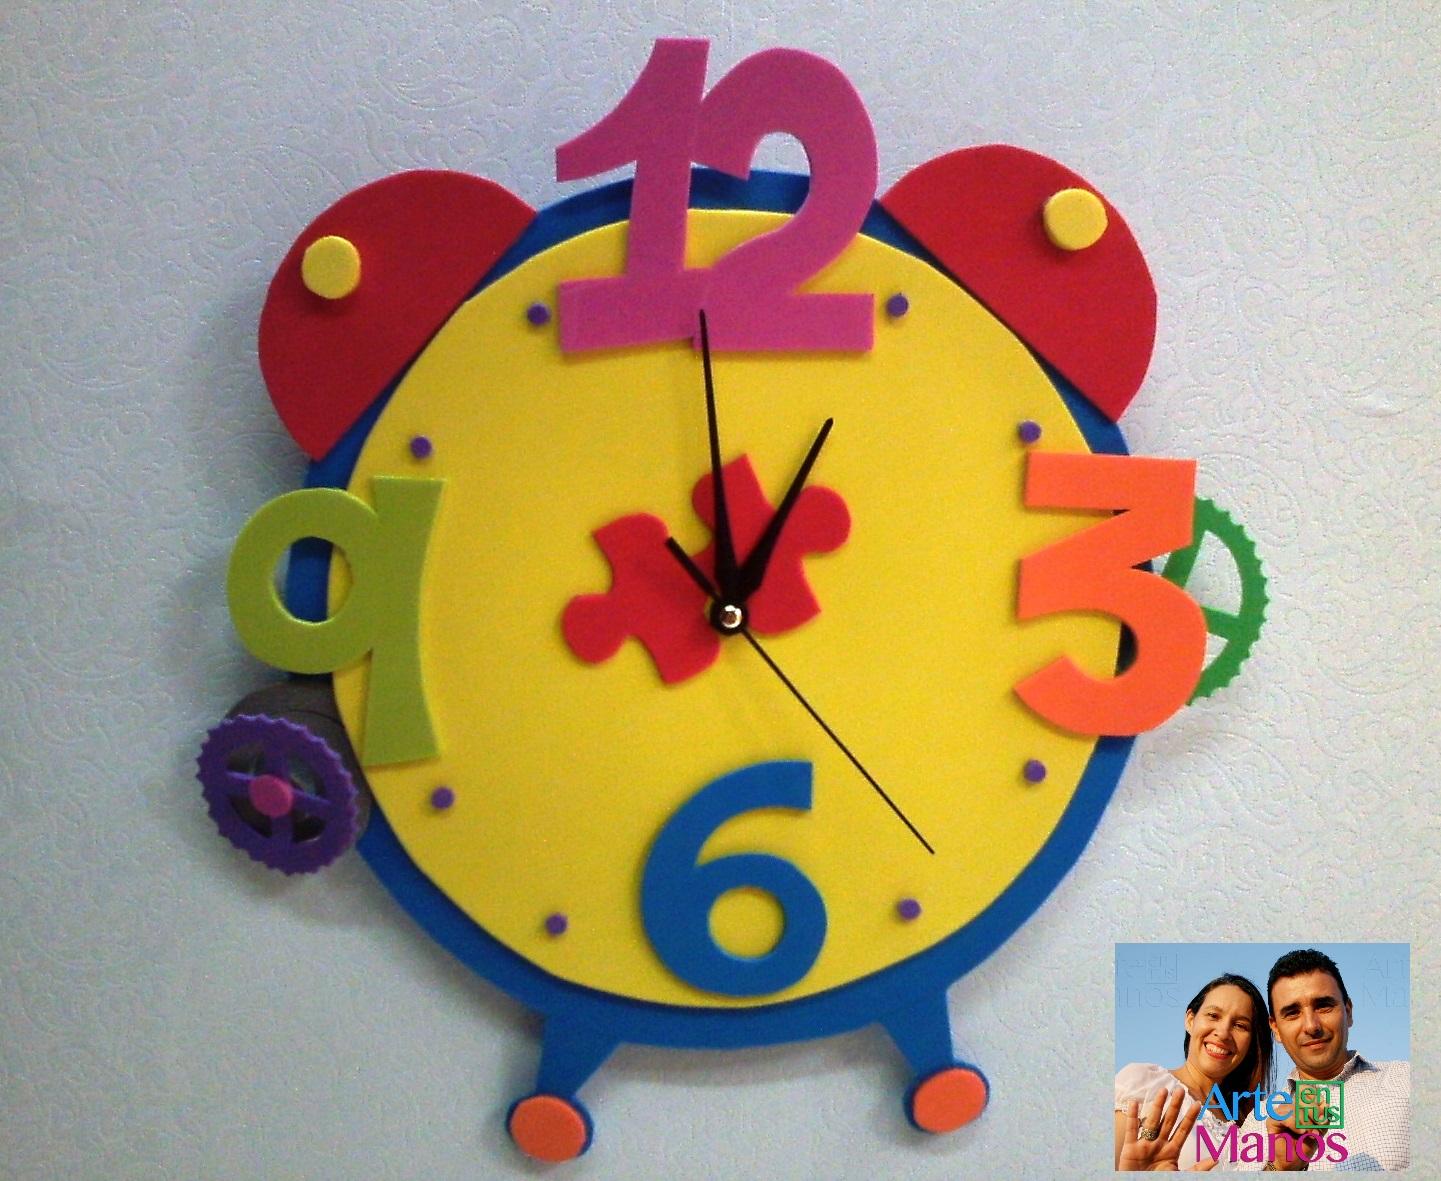 Arte en tus manos con lili y sam reloj en foami goma eva con mecanismo paso a paso - Manualidades relojes infantiles ...